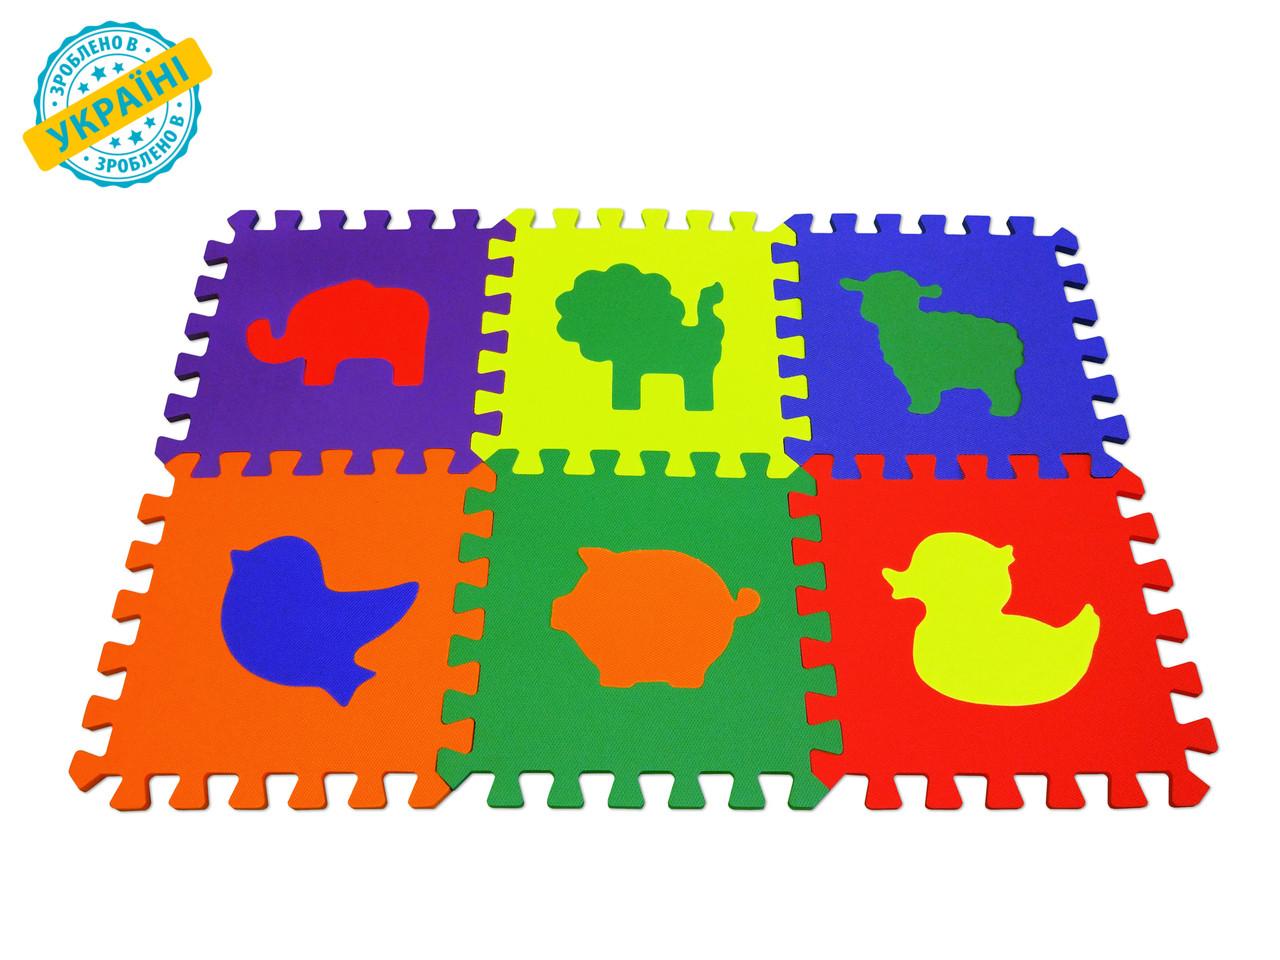 """М'який ігровий підлога (килимок-пазл 30*30*1 см) Eva-Line """"Зоопарк"""" різнобарвний"""